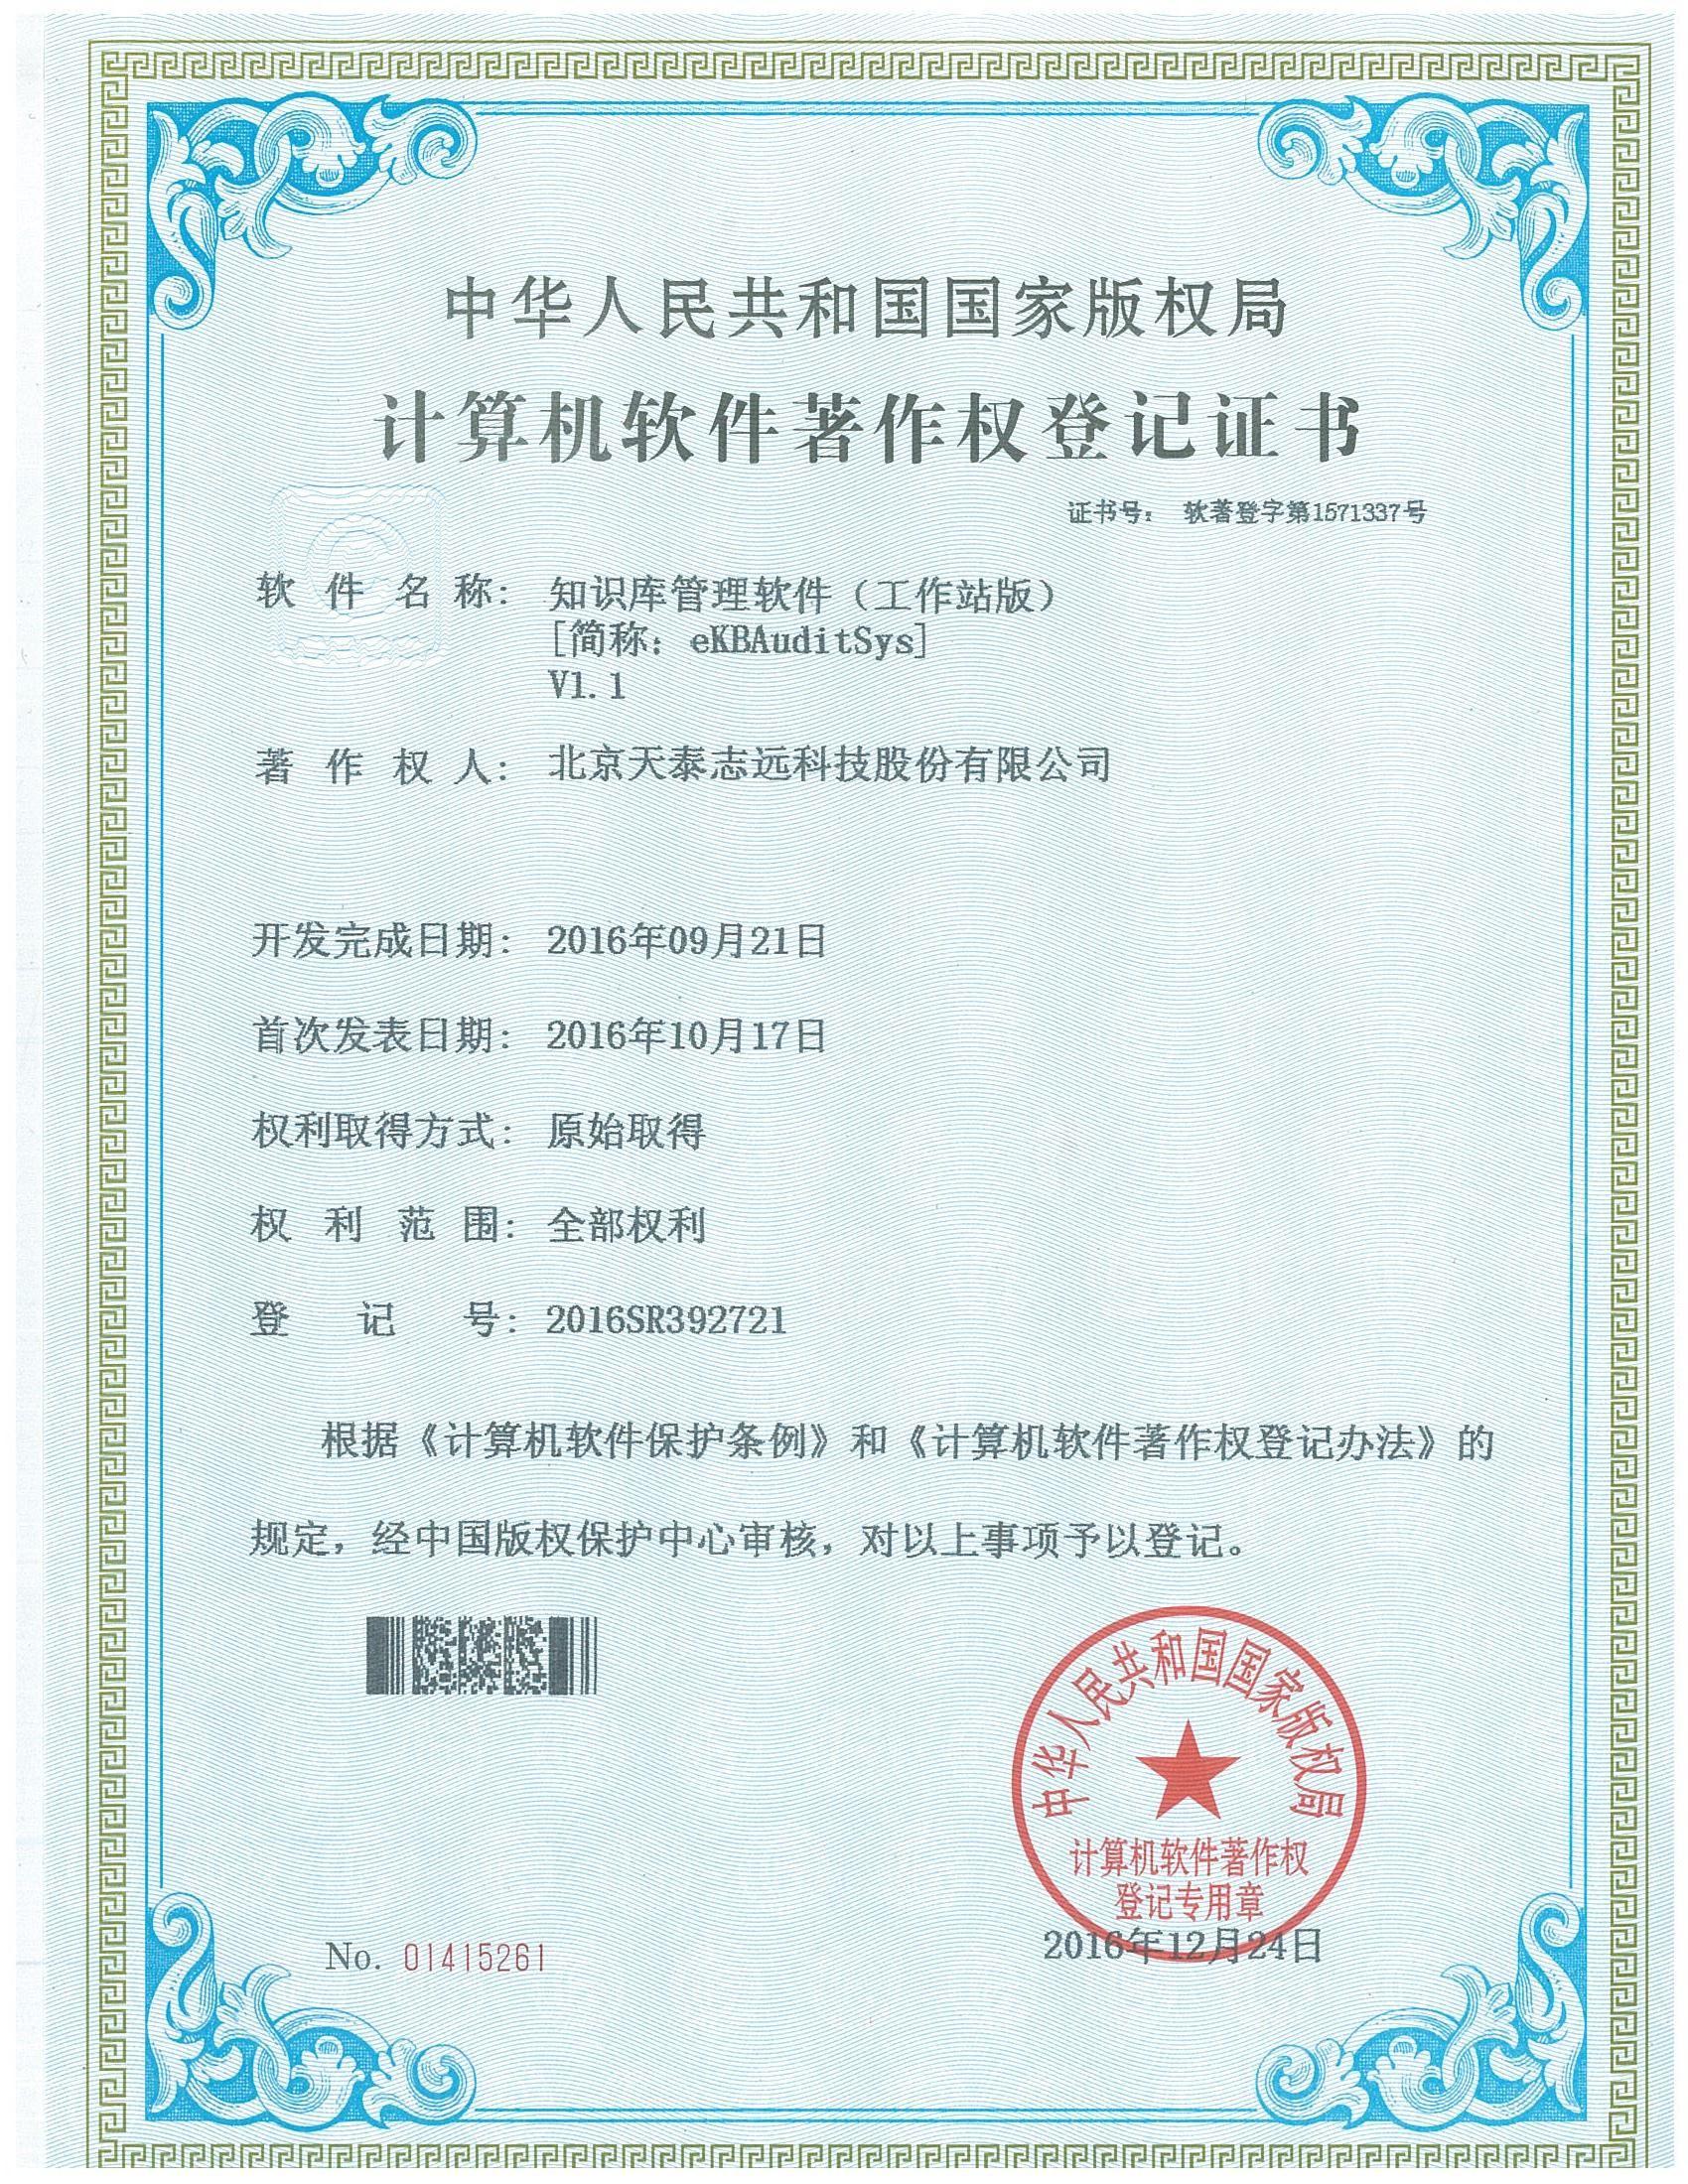 天泰志远:知识库管理软件(工作站版)著作权登记证书